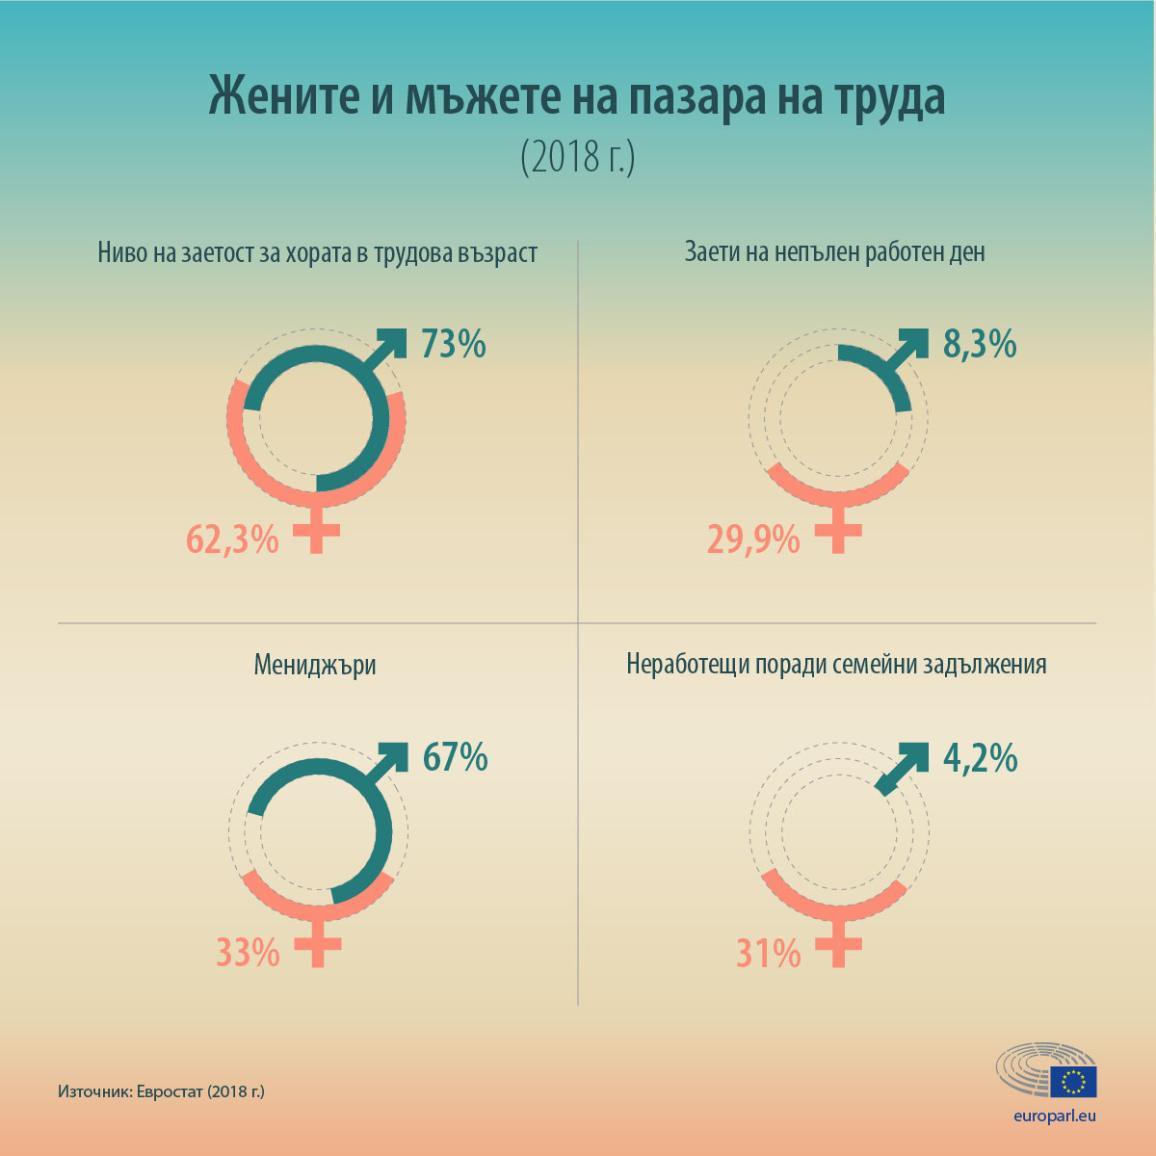 Инфографика със статистически данни за участието на жените и мъжете на пазара на труда